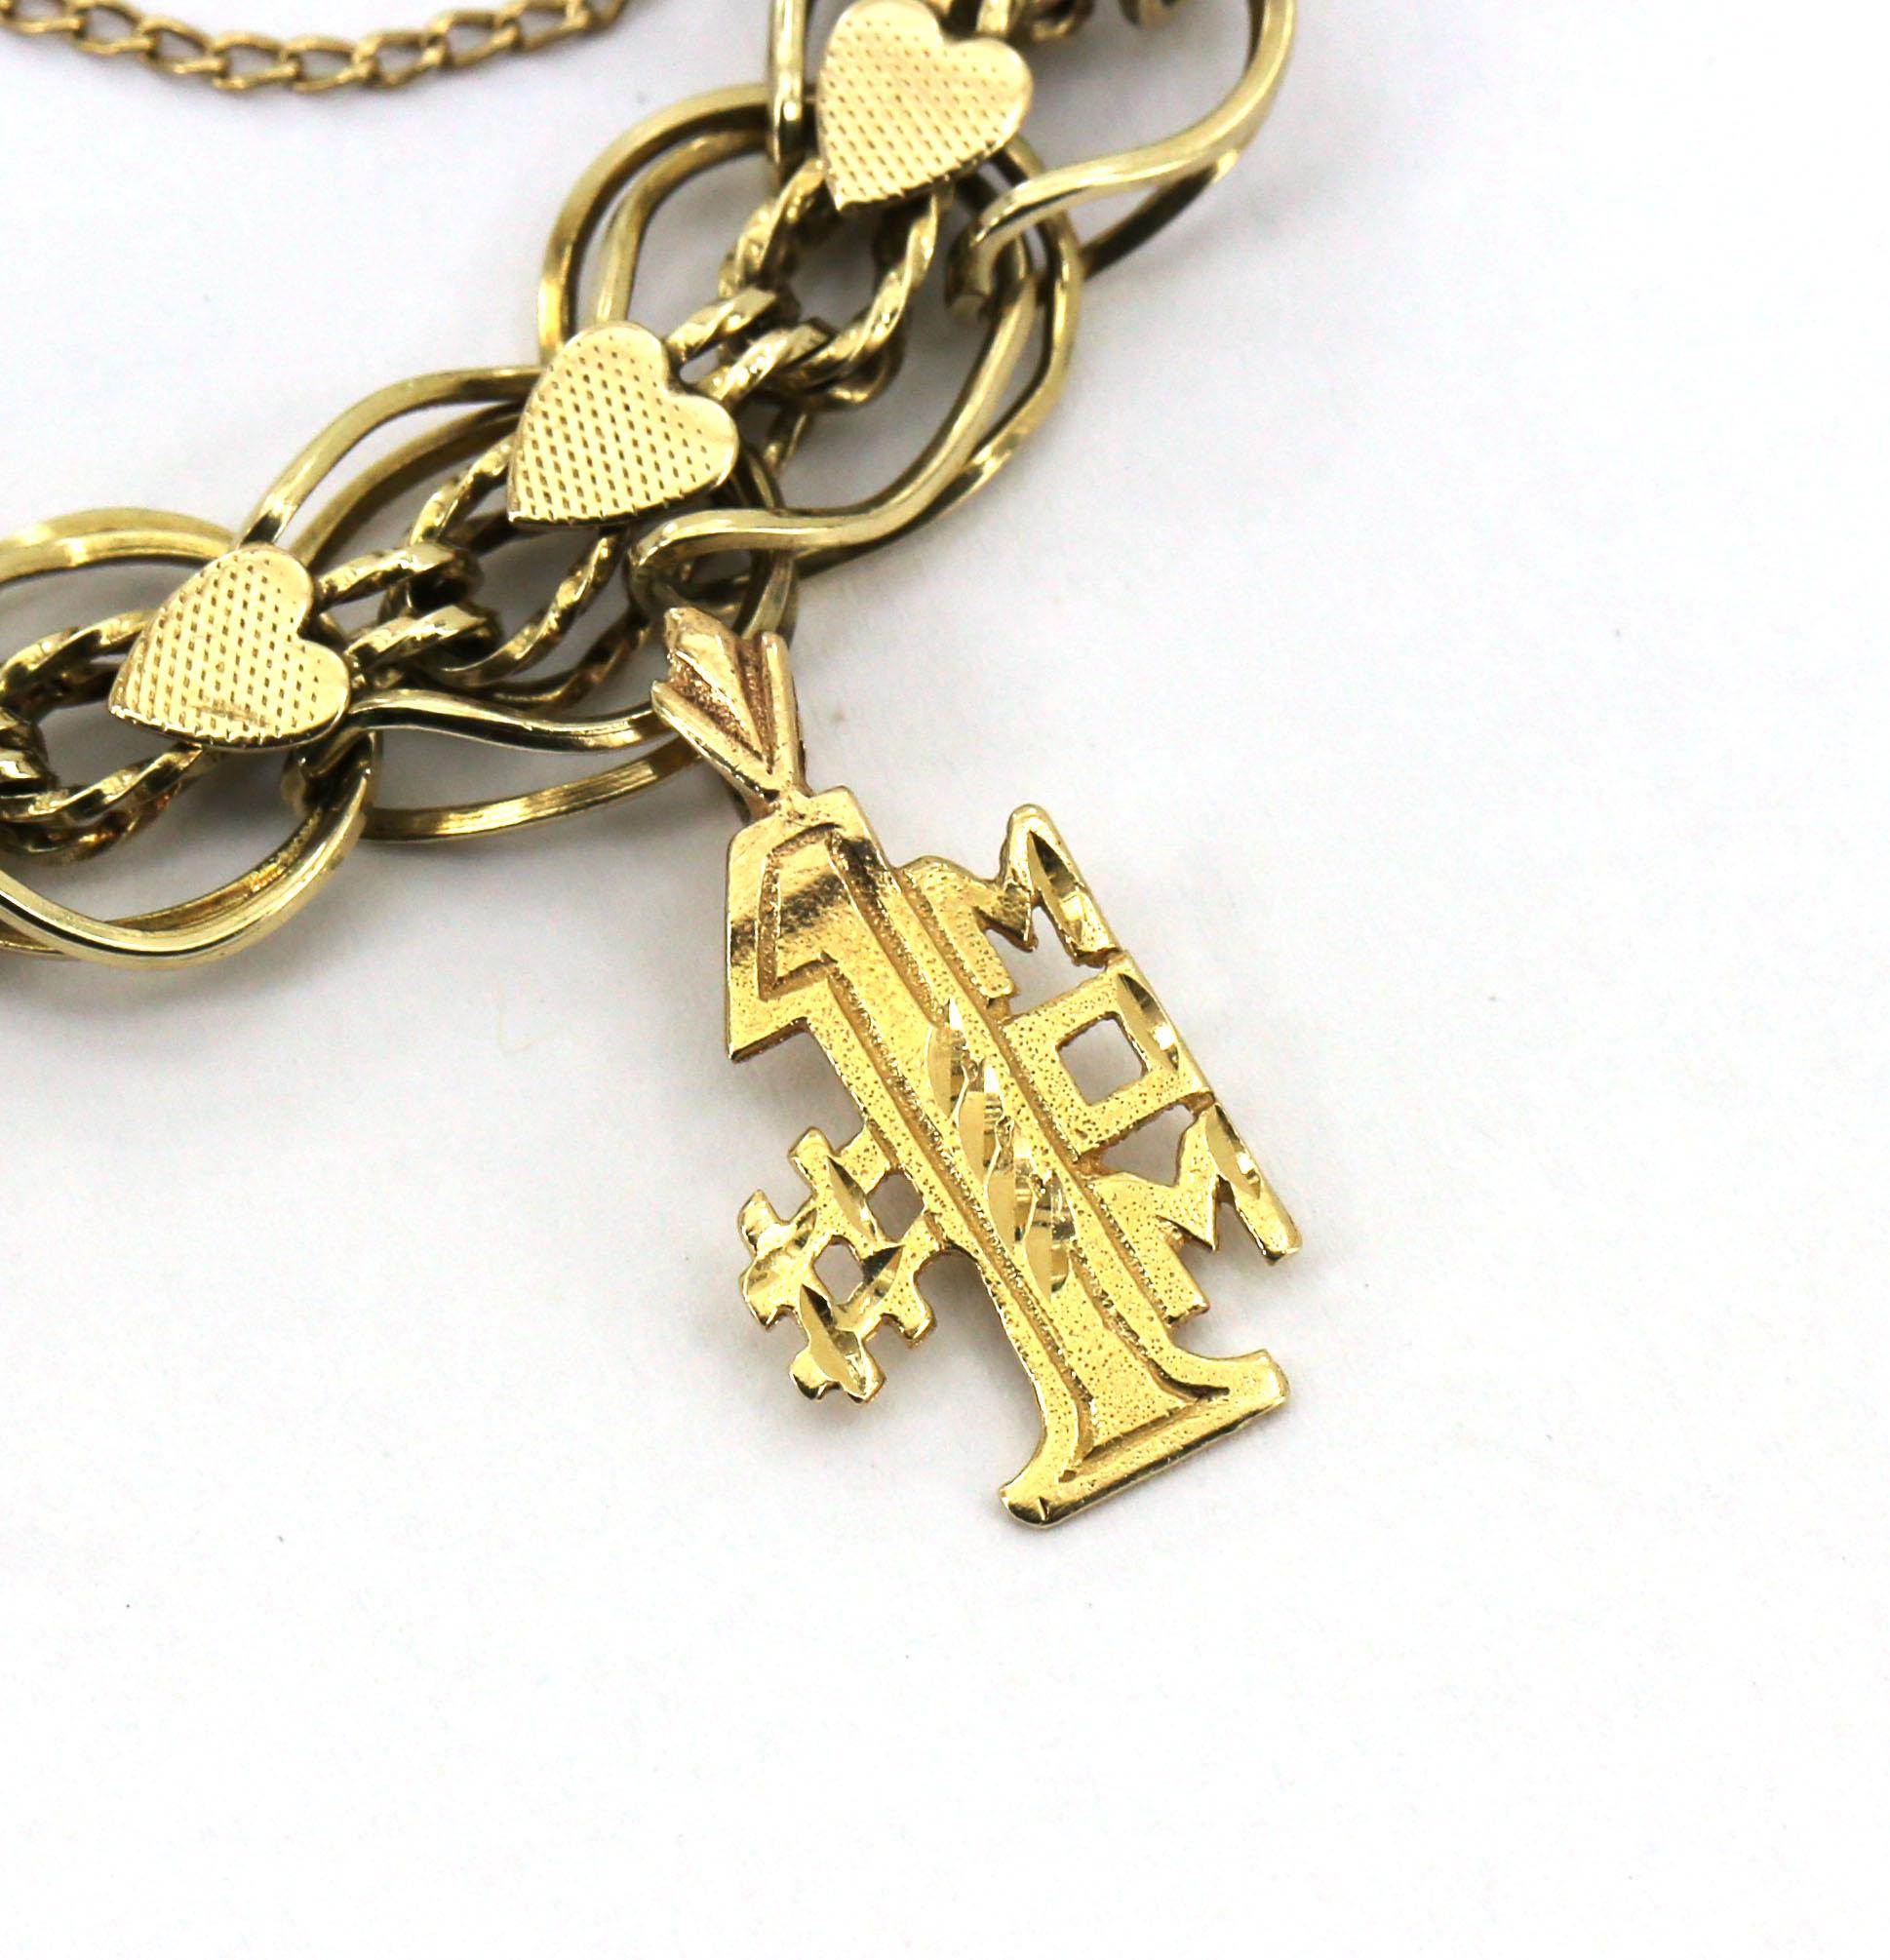 14k Yellow Gold Charm Bracelet: VINTAGE 14K YELLOW GOLD HEART MOTIF CHARM BRACELET W/ 4 3D